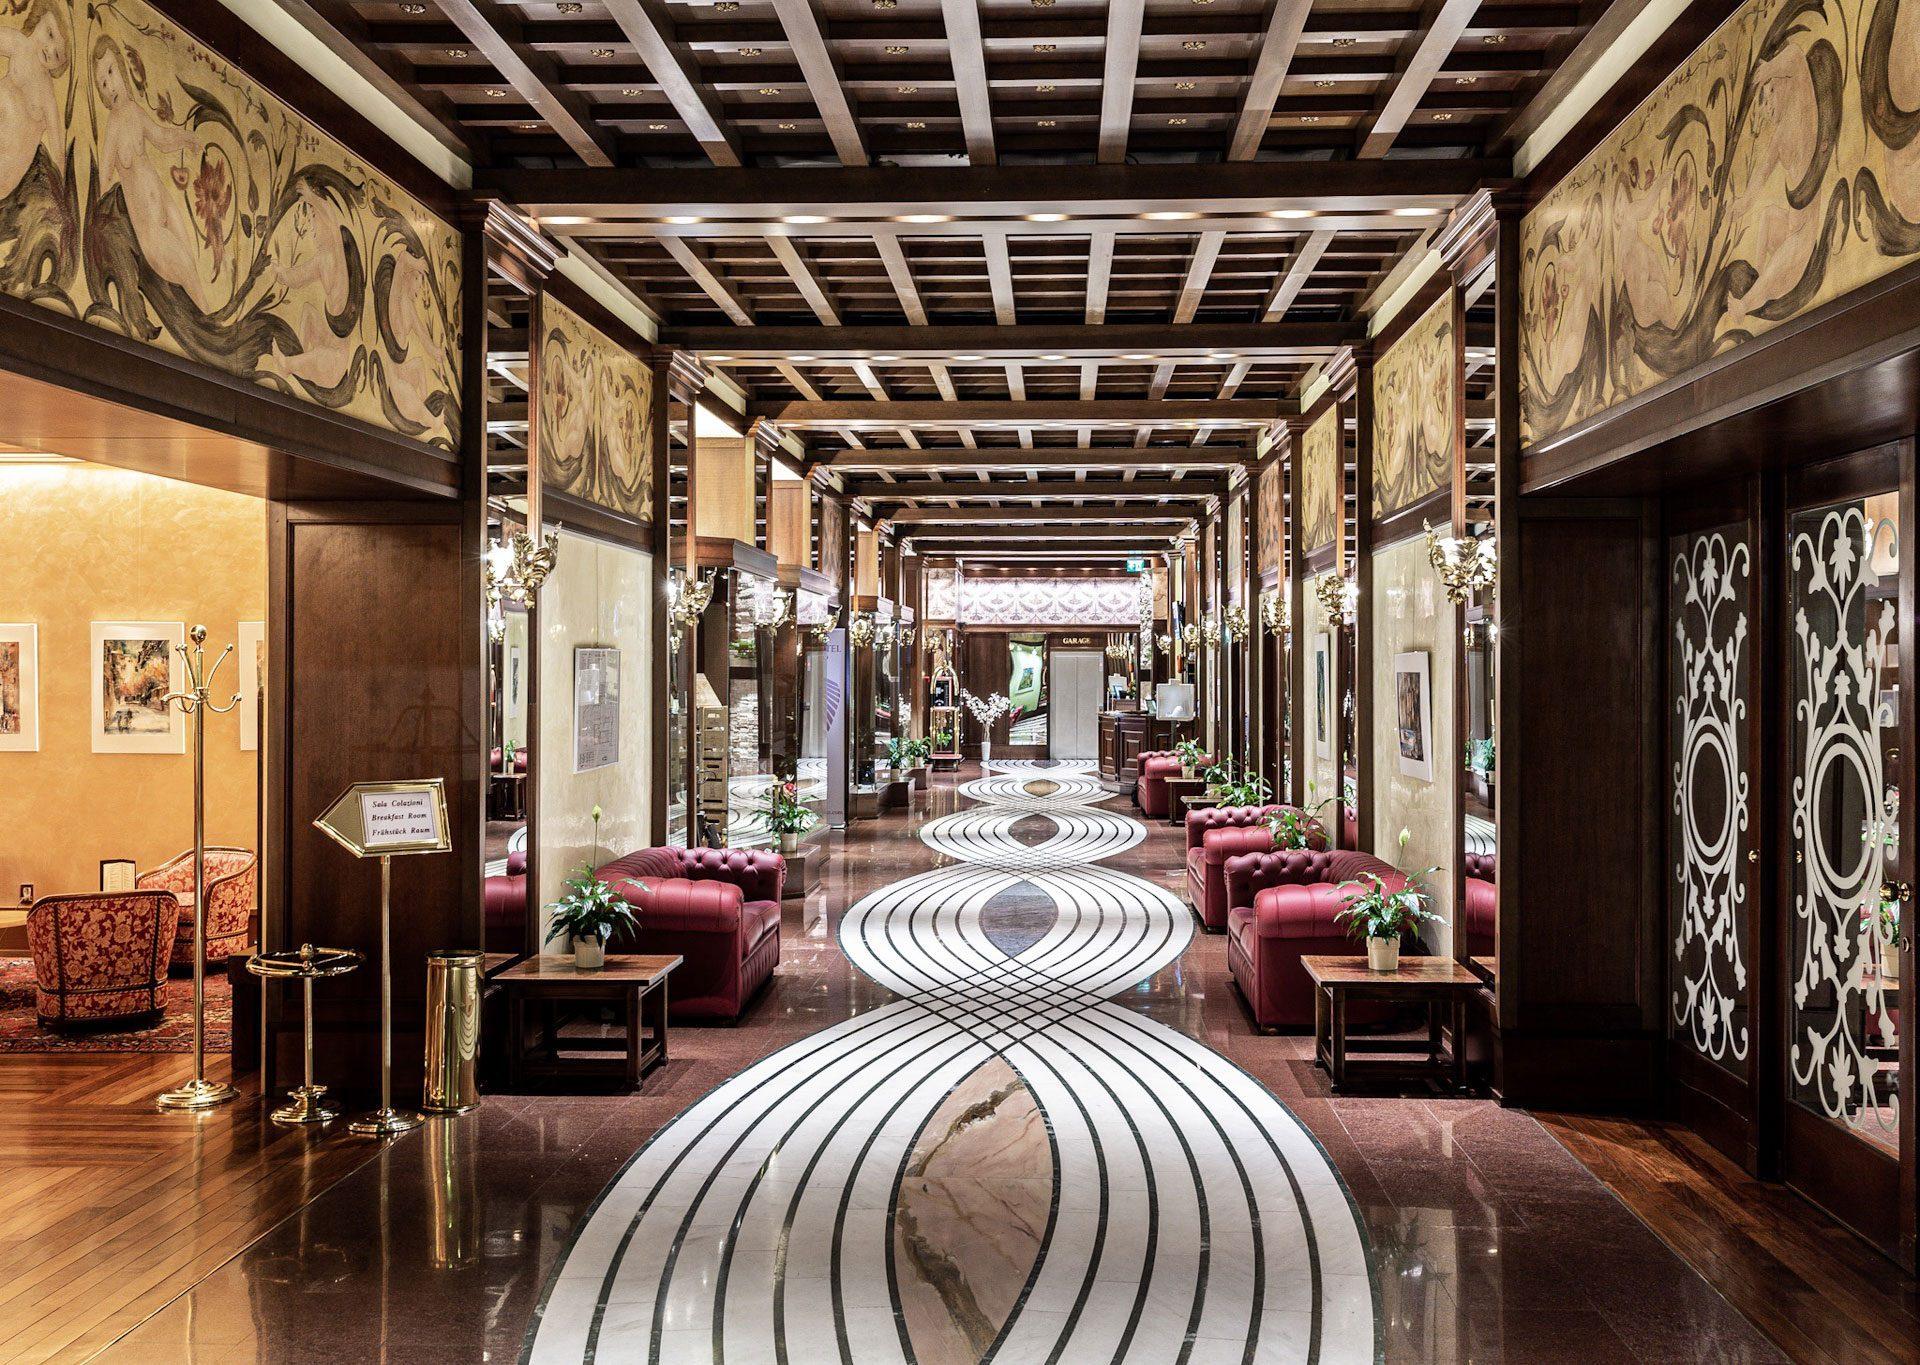 Interni Grand Hotel Trento